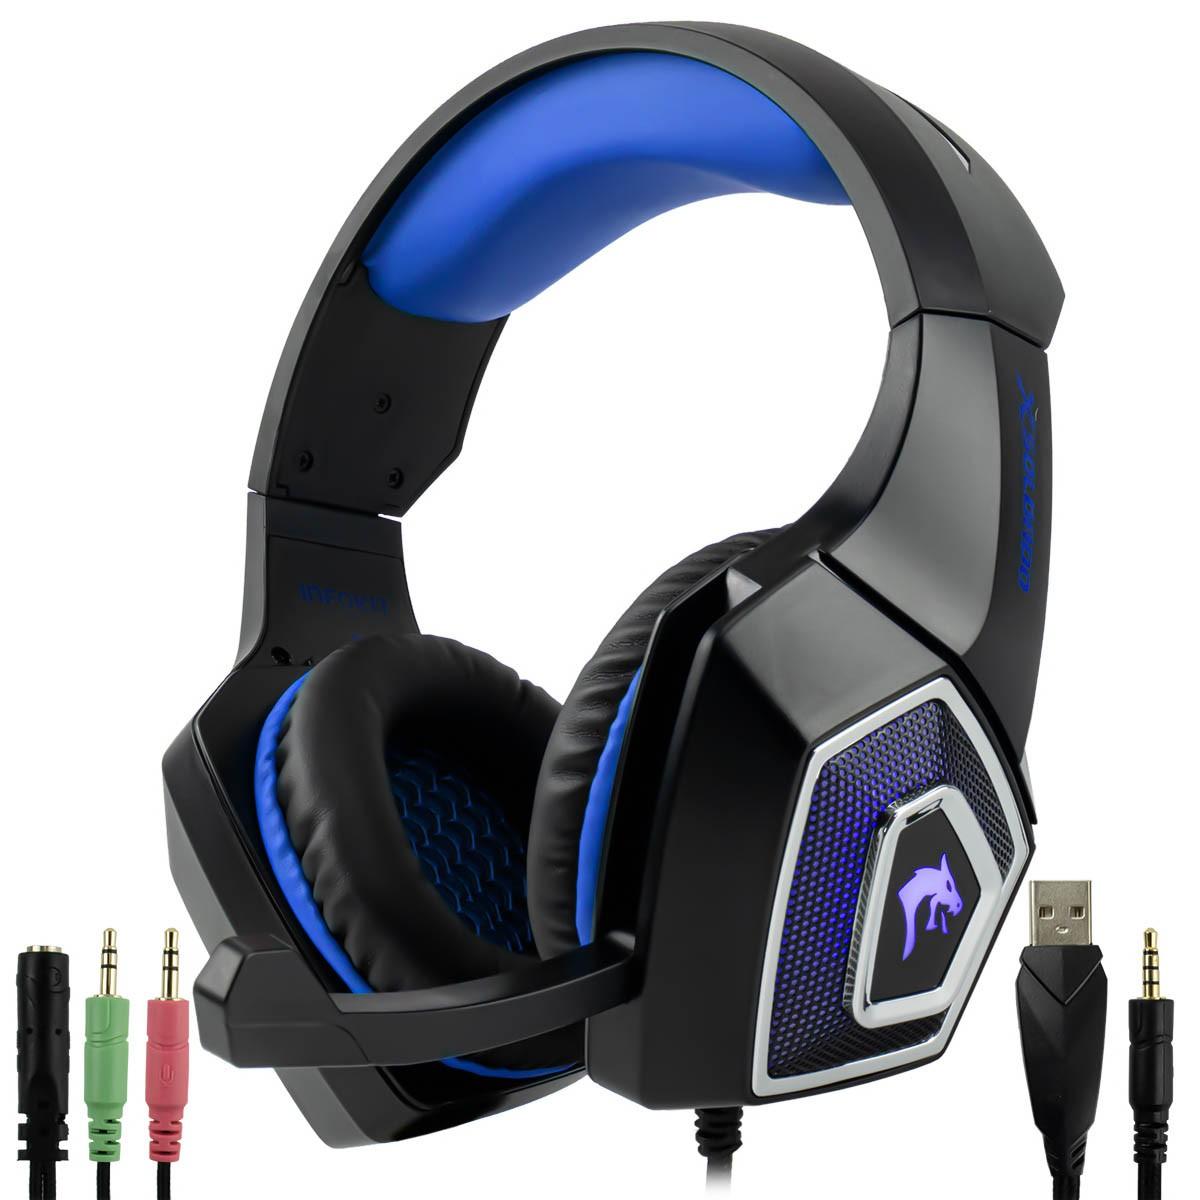 Headset Gamer 7.1 Surround LED RGB 7 Cores com Microfone Articulado Cabo P3 + Adaptador p/ P2 Infokit GH-X2000